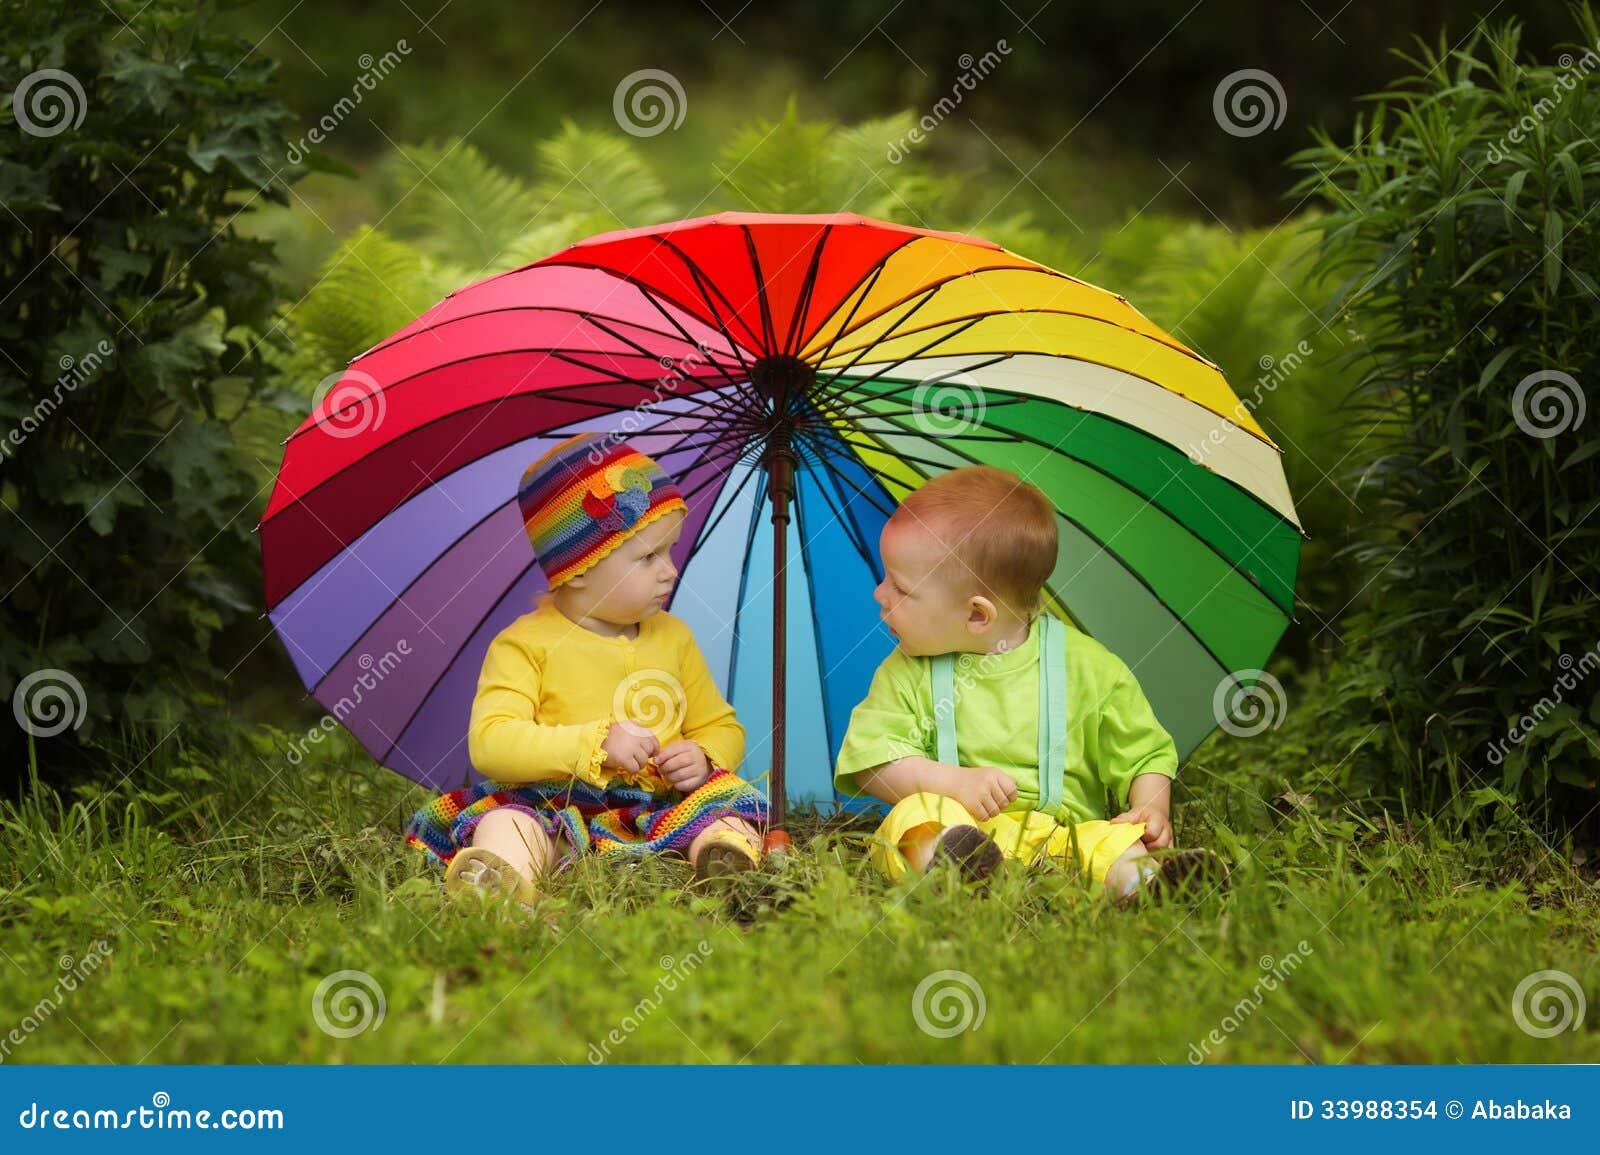 petits enfants sous le parapluie color - Parapluie Color